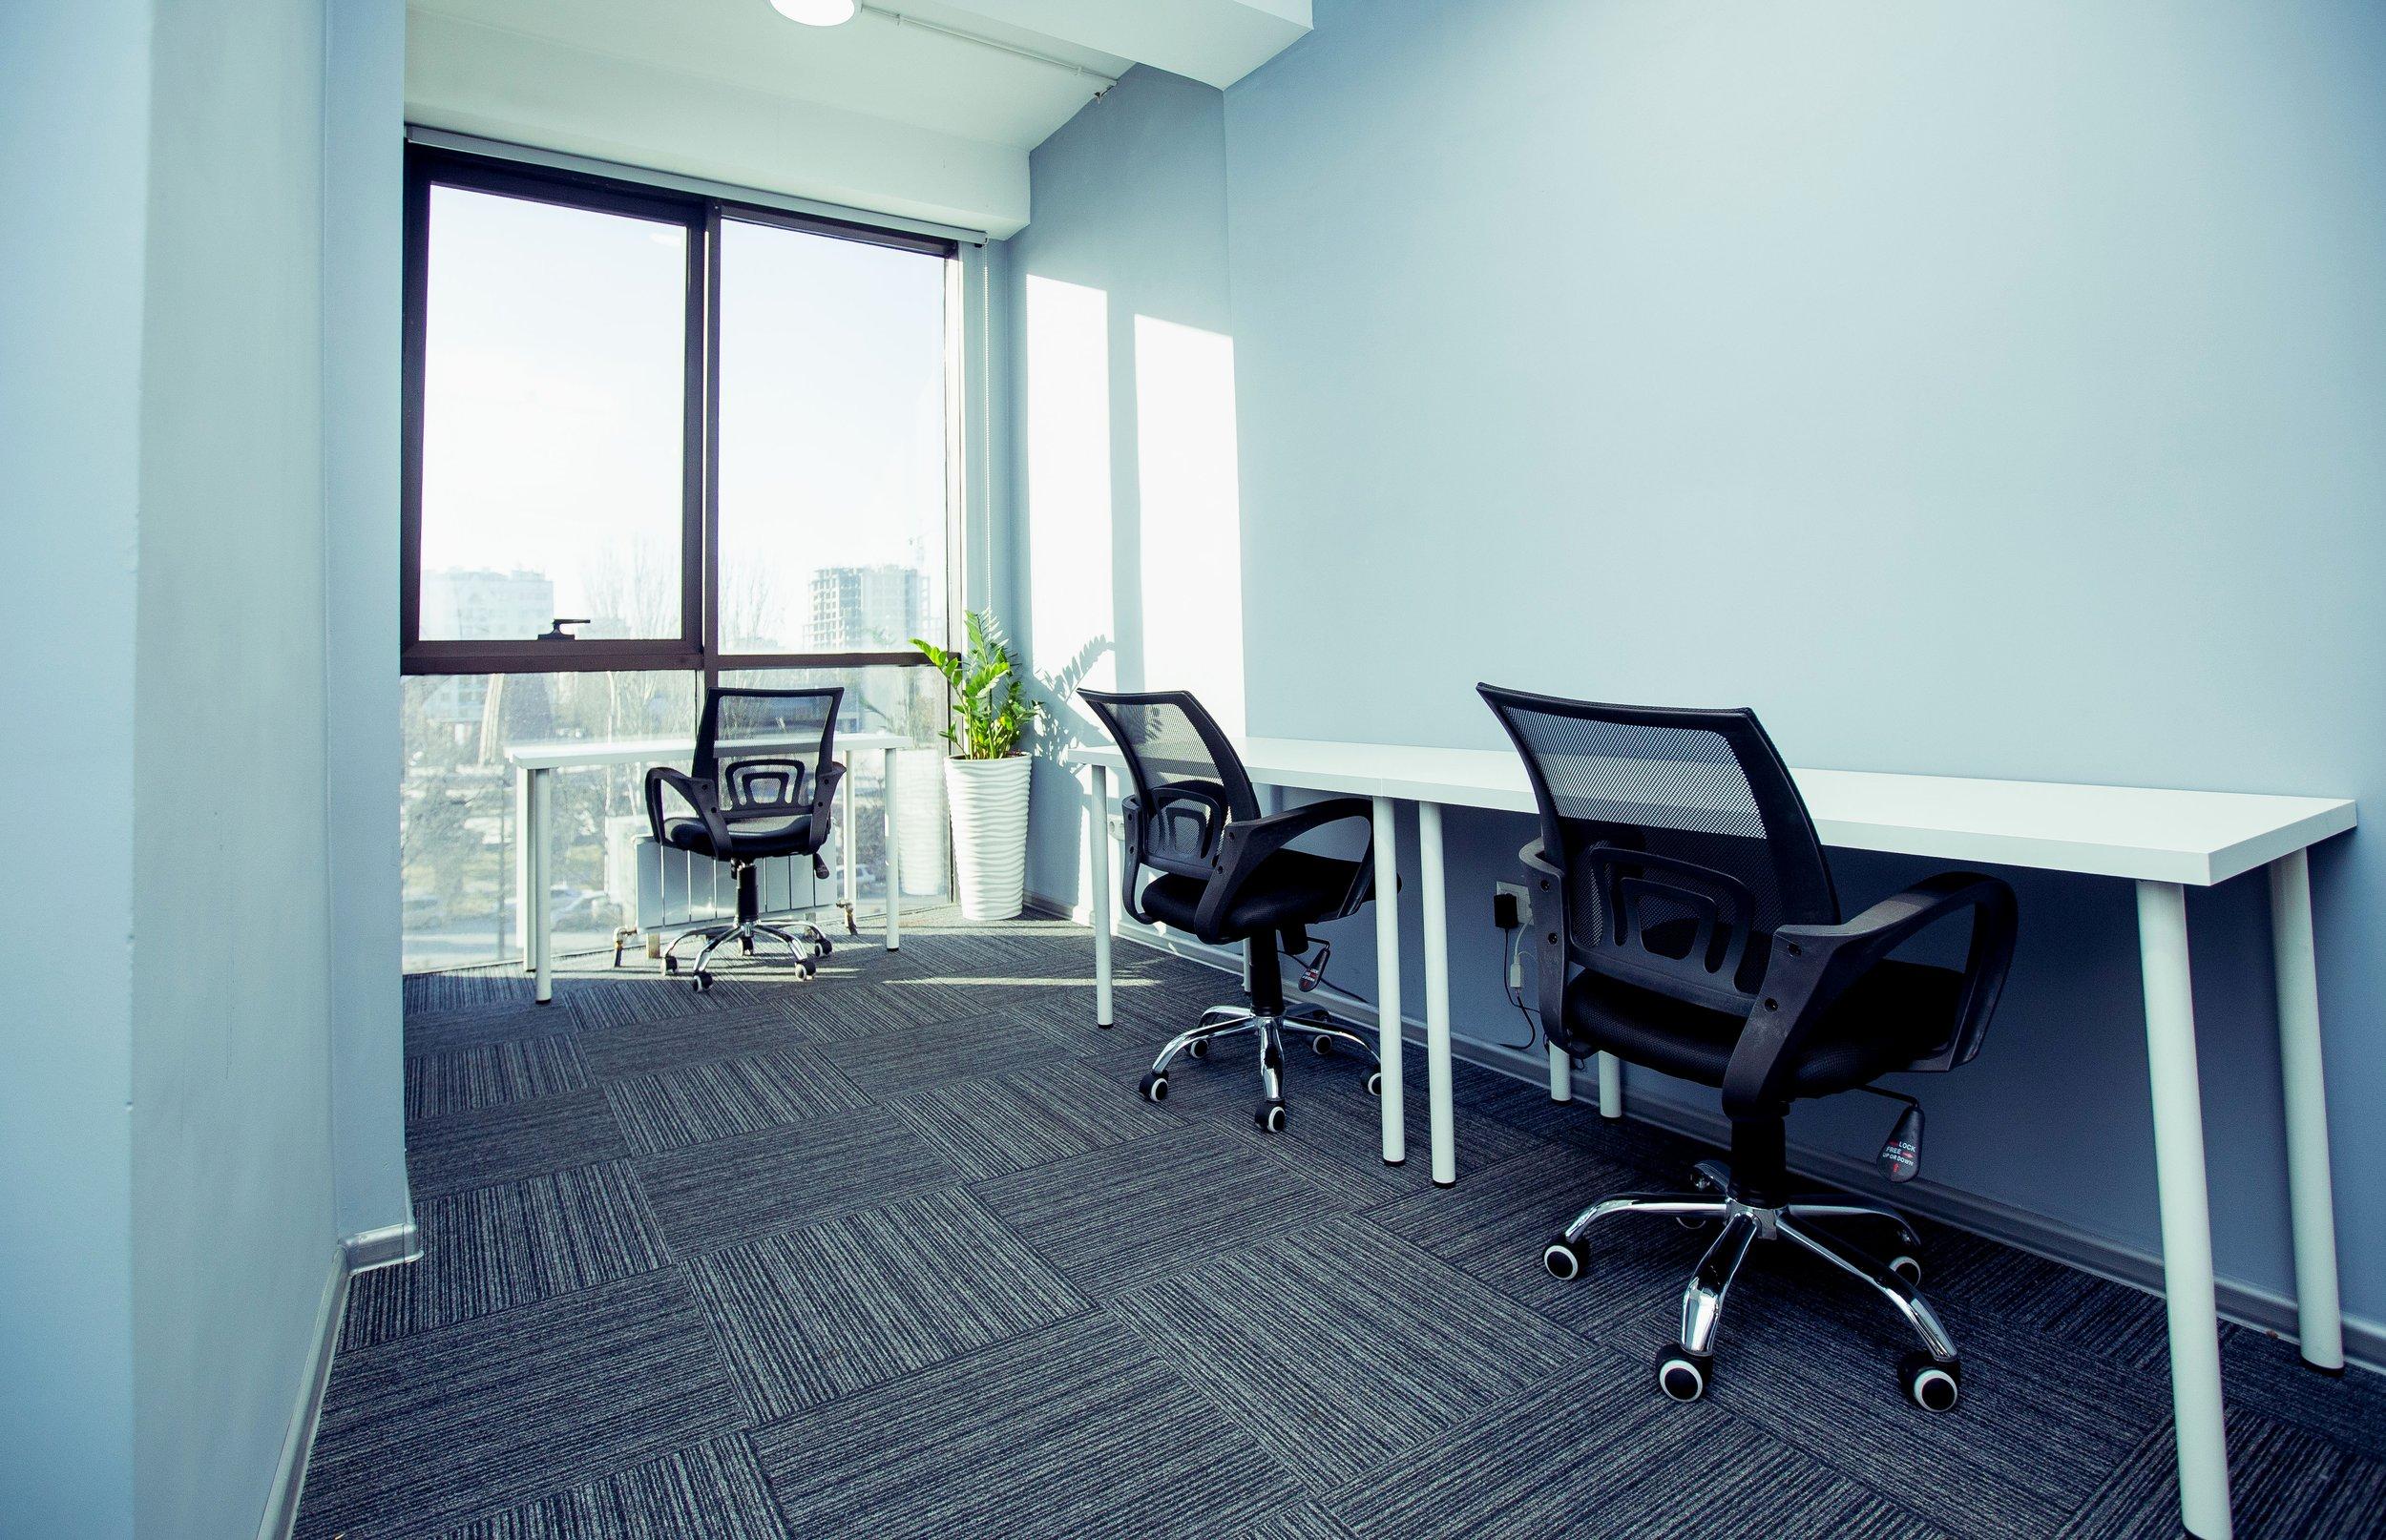 Отдельные офисы - Резиденты ololohaus — от фрилансеров и стартаперов до инновационных компаний — очень ценят вдохновение и коллаборацию, и наши офисные пространства созданы с учетом этого. Развивайте бизнес и претворяйте в жизнь свои амбициозные проекты в нашем офисе.